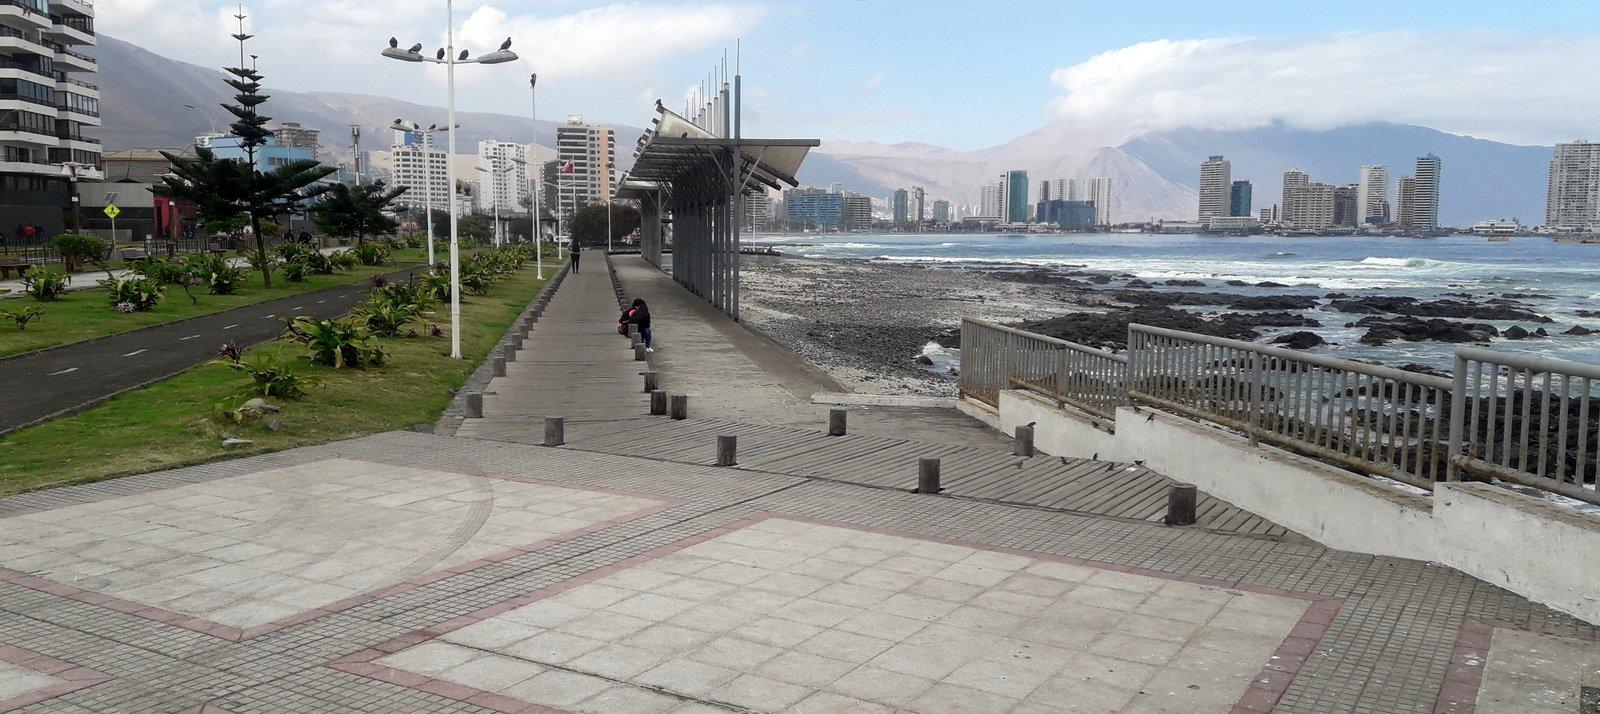 borde costero donde se ve la ciclovía y rutas peatonales separadas